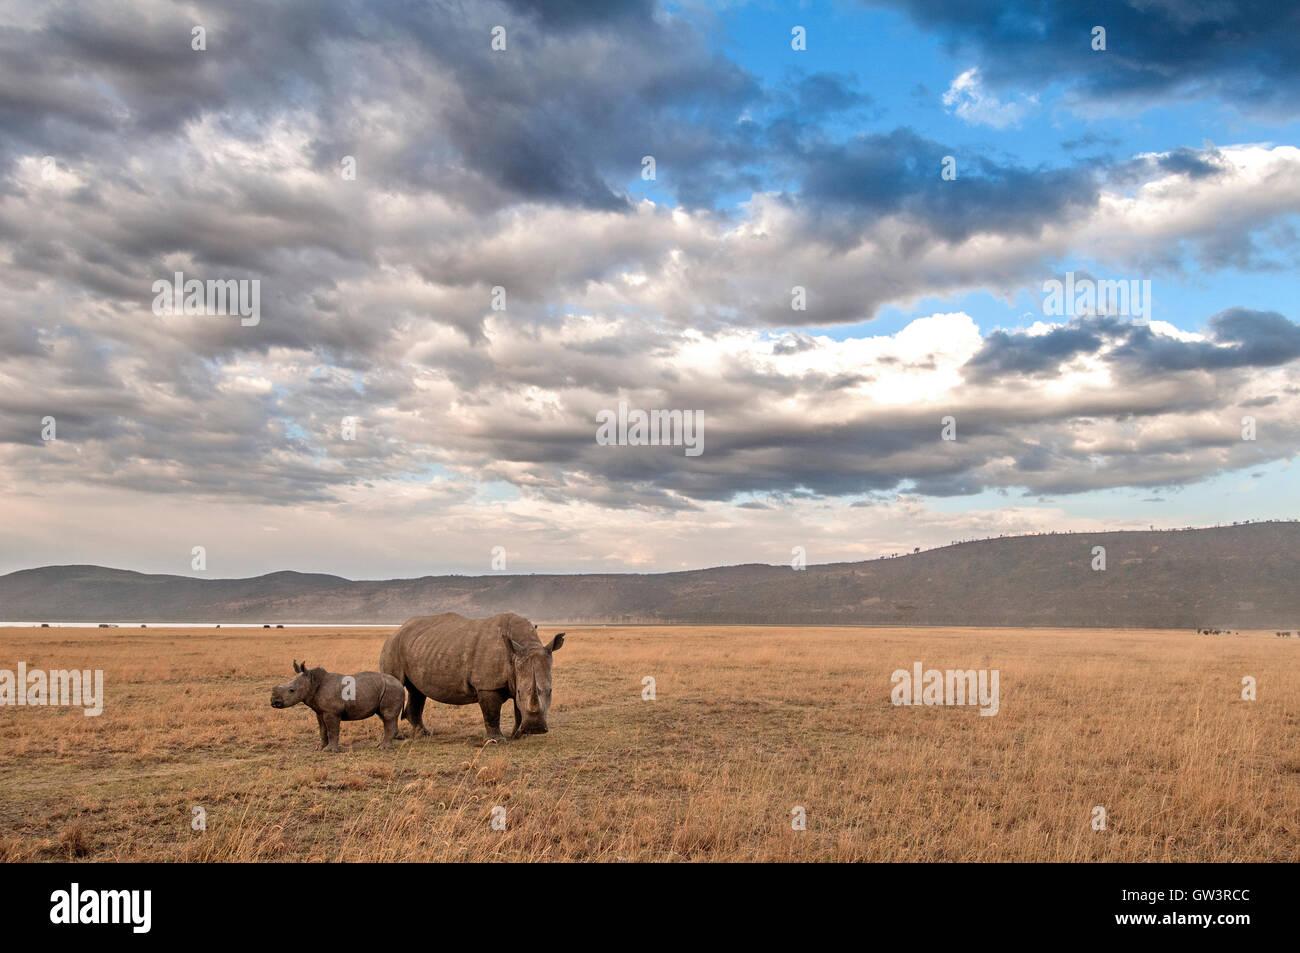 Une mère rhinocéros et son bébé dans le parc national du lac Nakuru, au Kenya. Photo Stock